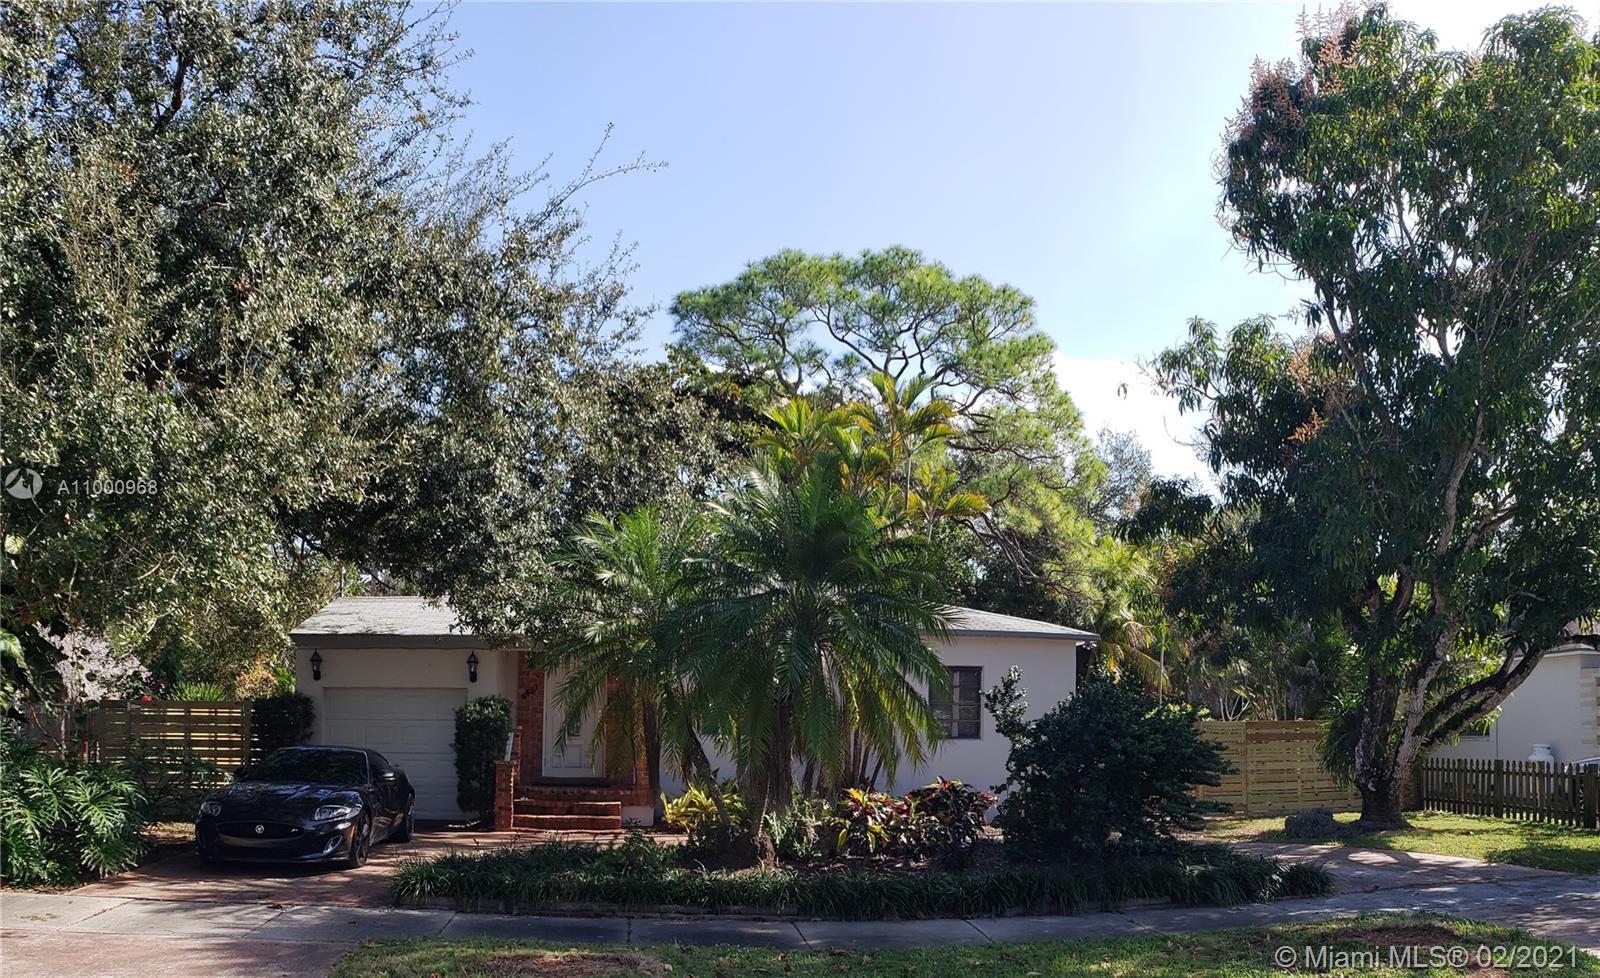 South Miami - 6631 SW 63rd Ct, South Miami, FL 33143